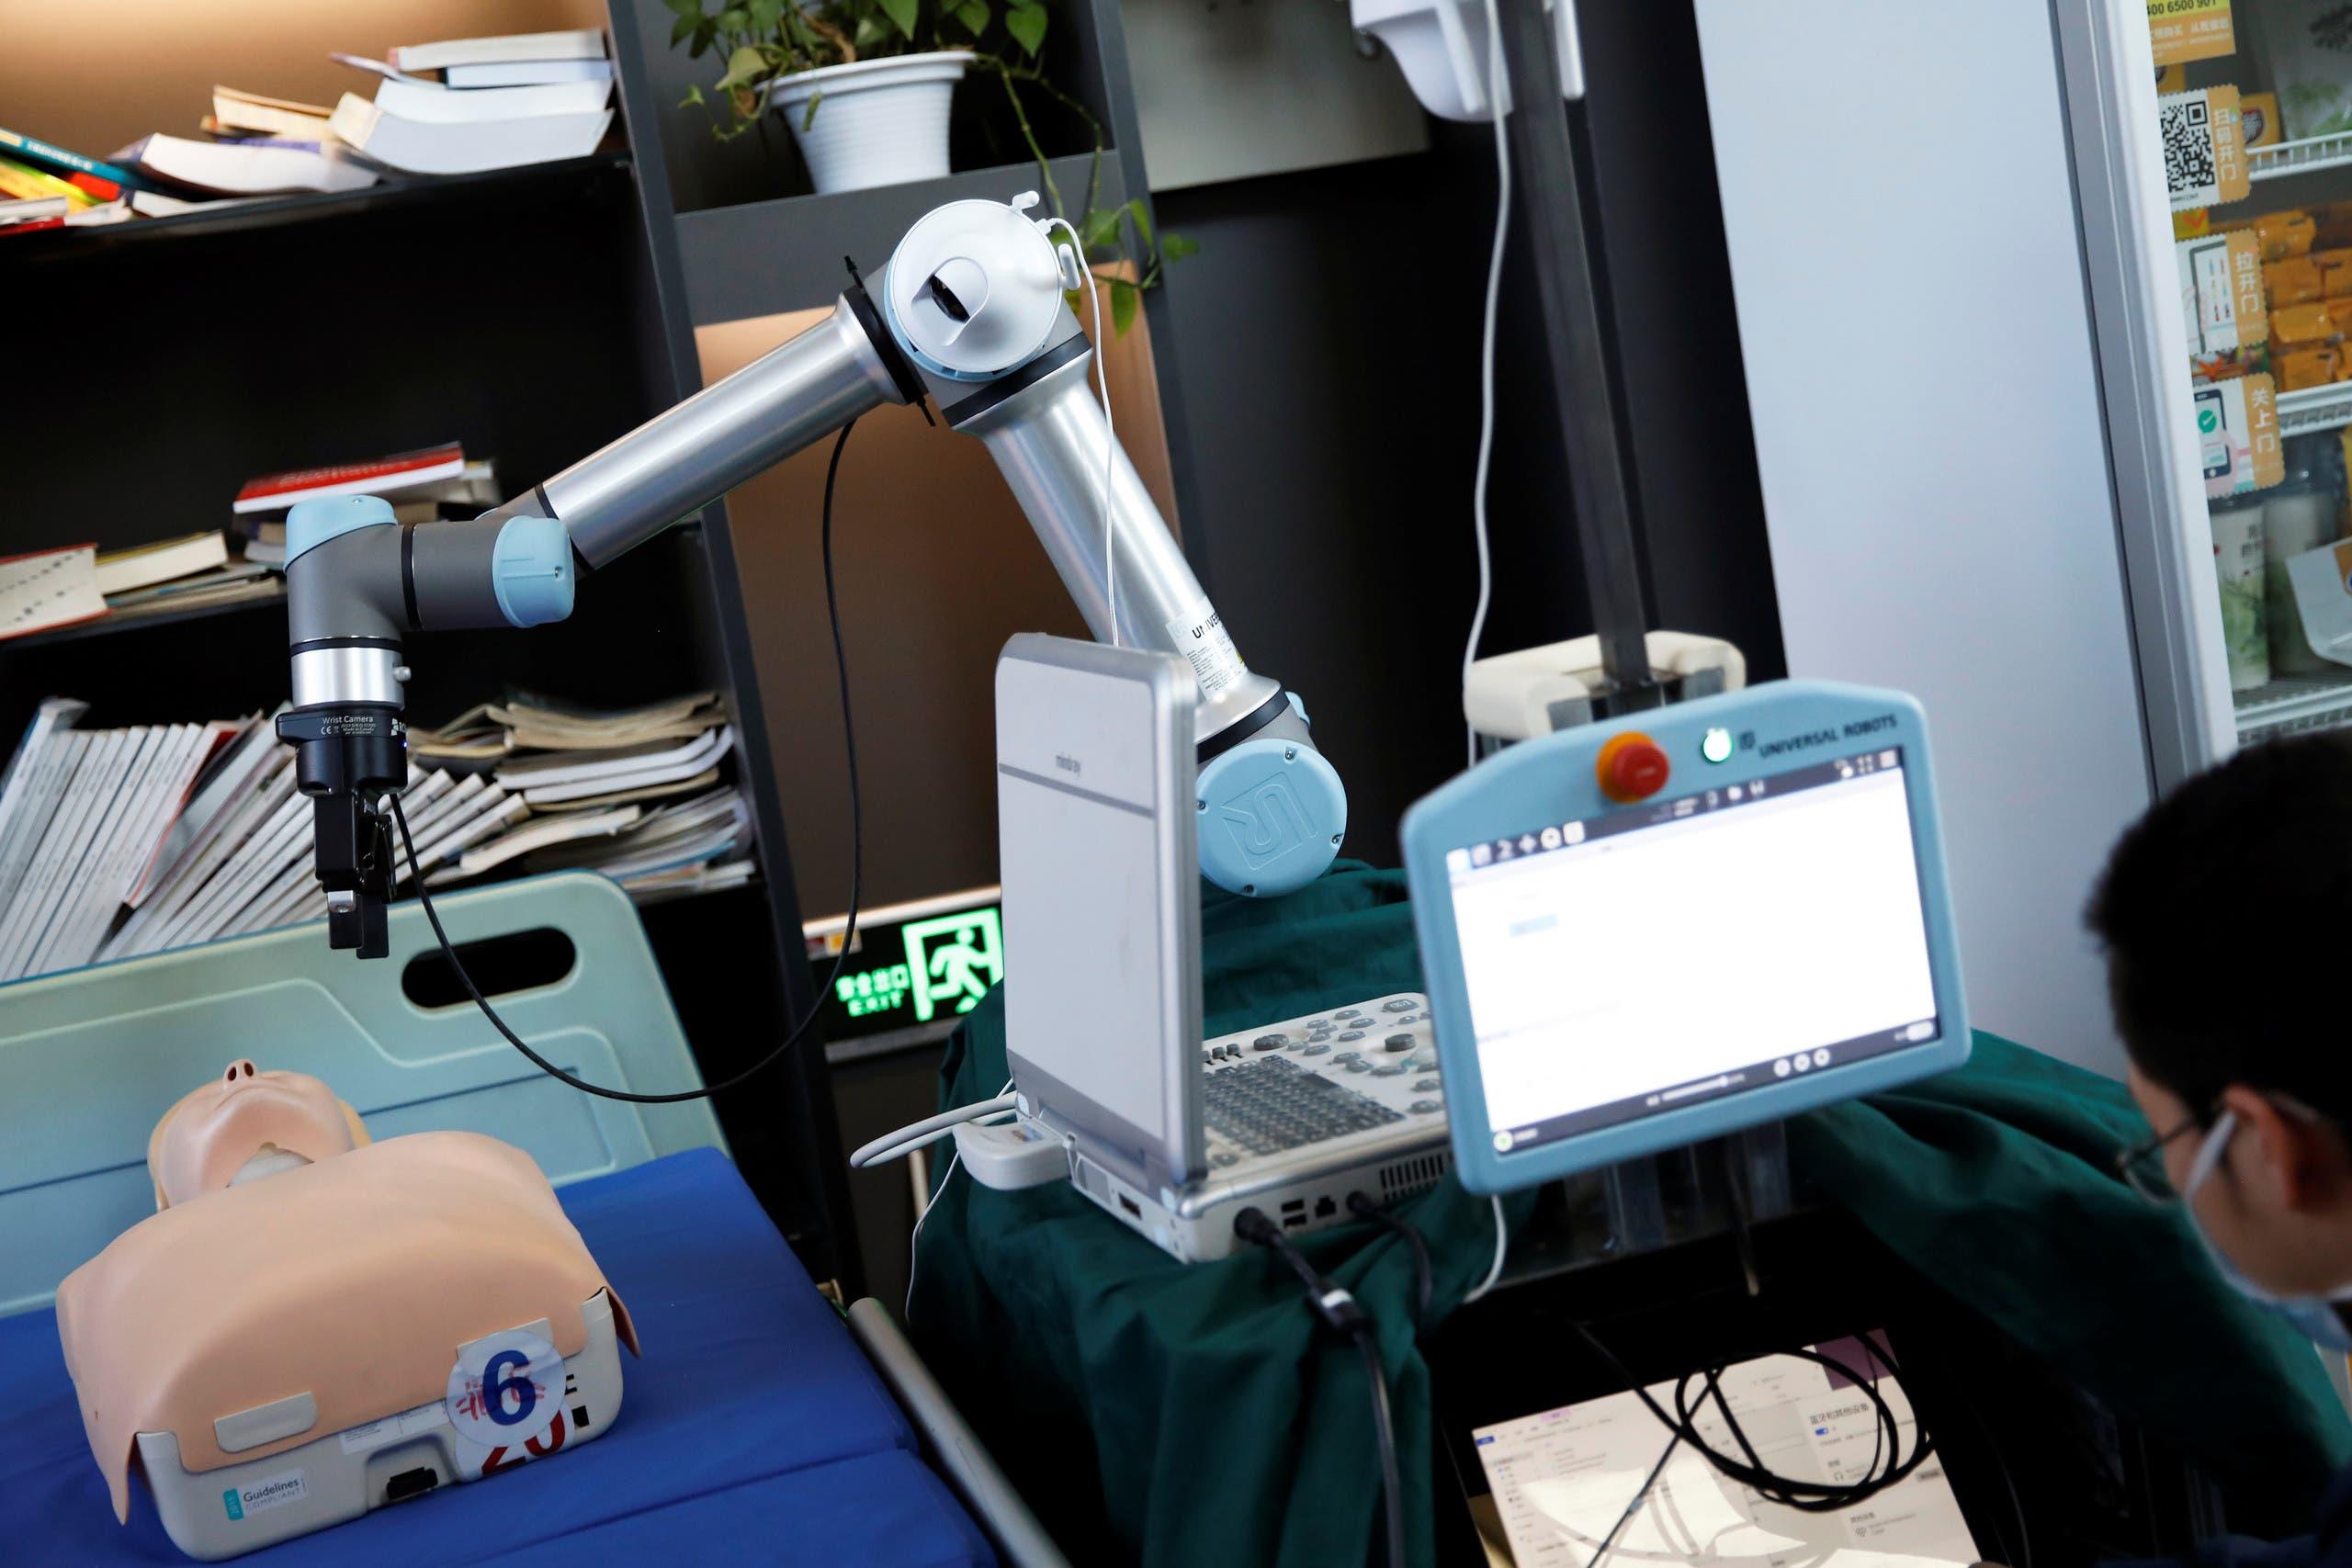 استخدام الروبوت في الكشف على المصابين بفيروس كورونا